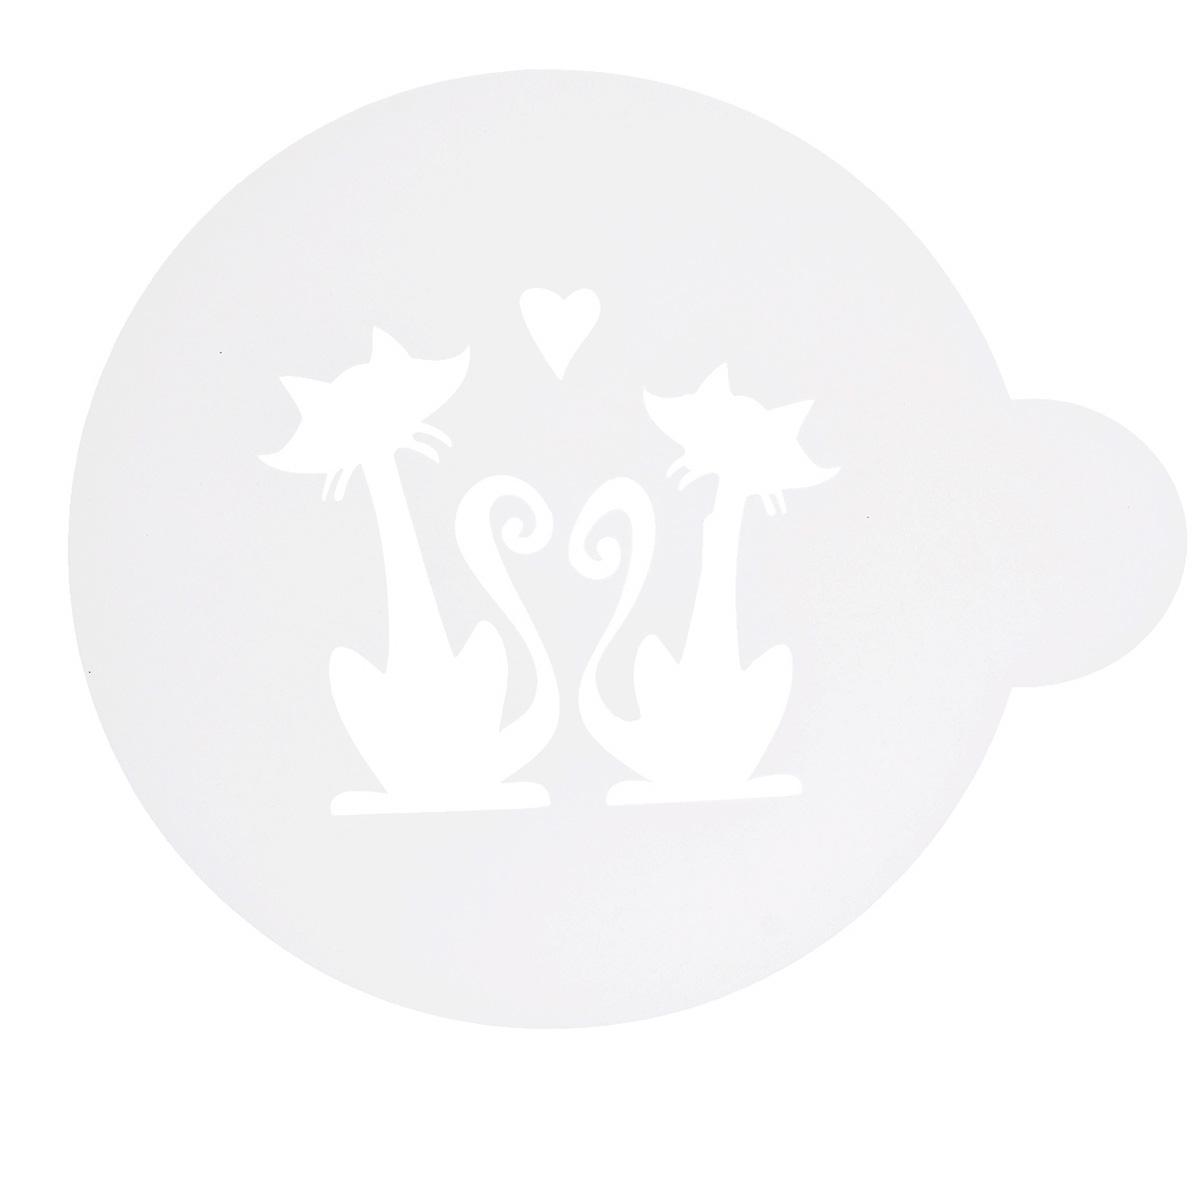 Трафарет на кофе и десерты Леденцовая фабрика Влюбленная парочка, диаметр 10 смТ03Трафарет представляет собой пластину с прорезями, через которые пищевая краска (сахарная пудра, какао, шоколад, сливки, корица, дробленый орех) наносится на поверхность кофе, молочных коктейлей, десертов. Трафарет изготовлен из матового пищевого пластика 250 мкм и пригоден для контакта с пищевыми продуктами. Трафарет многоразовый. Побалуйте себя и ваших близких красиво оформленным кофе.